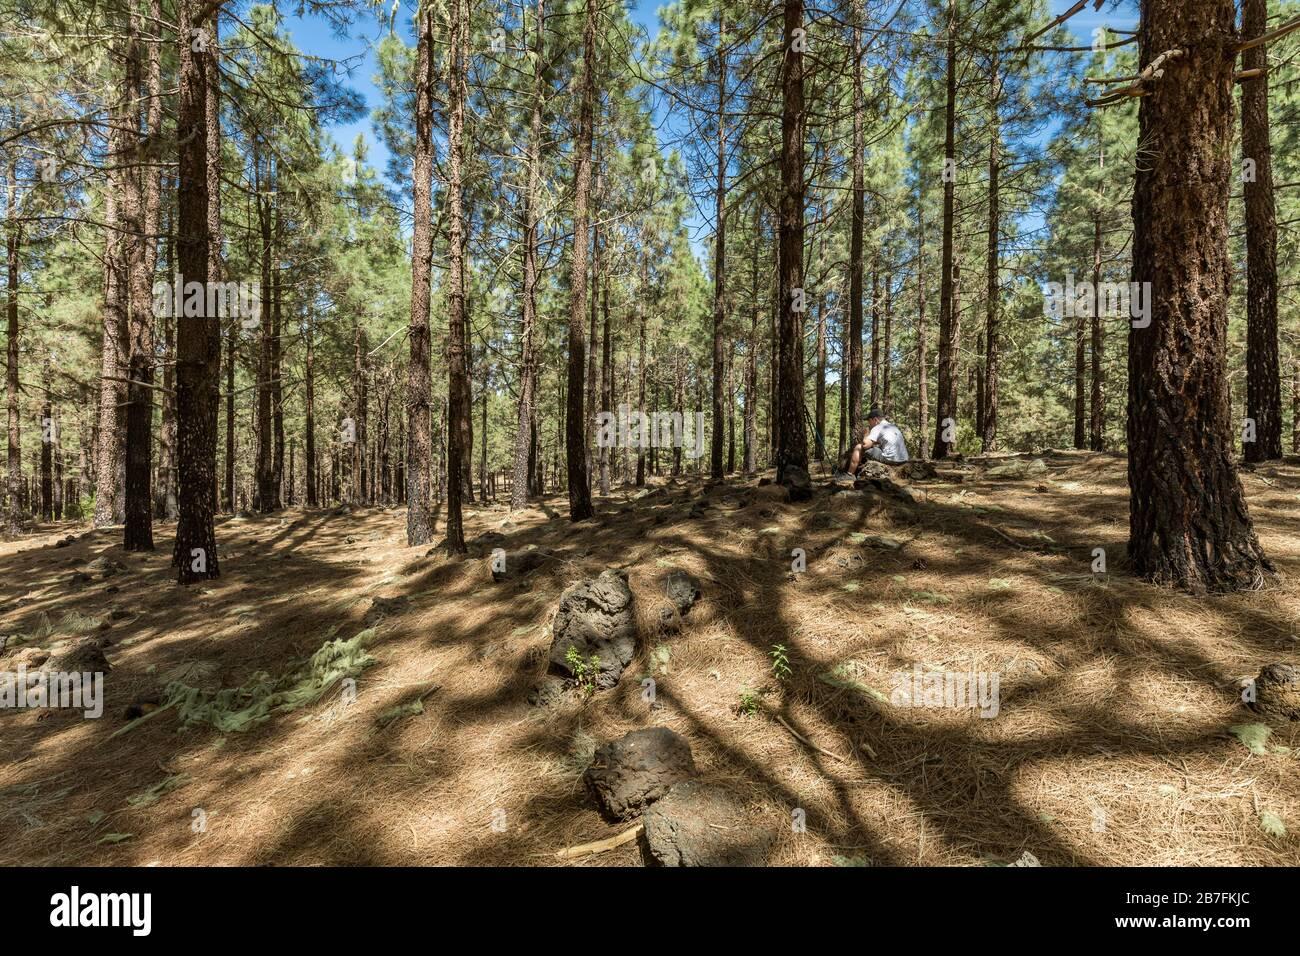 Forêt de pins près du volcan Arenas Negras. Ciel bleu vif et nuages blancs. Le jeune voyageur est assis sur une pierre a un déjeuner et repose. Tenerife, CAN Banque D'Images